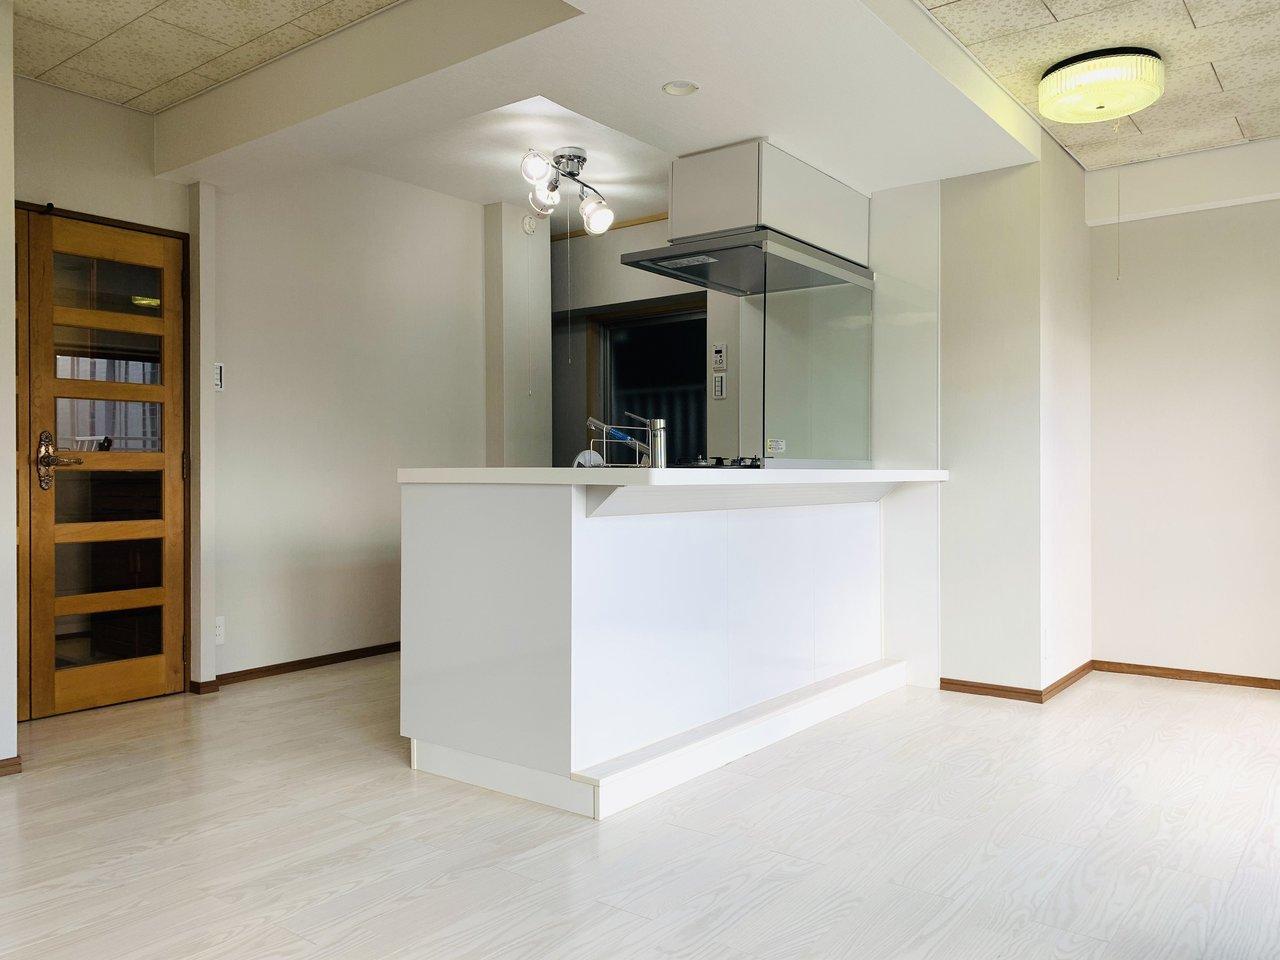 お部屋は、というとリビングが15畳もあってとっても広々。窓の外の景色を見ながらカウンターキッチンに立って料理、なんて素敵。